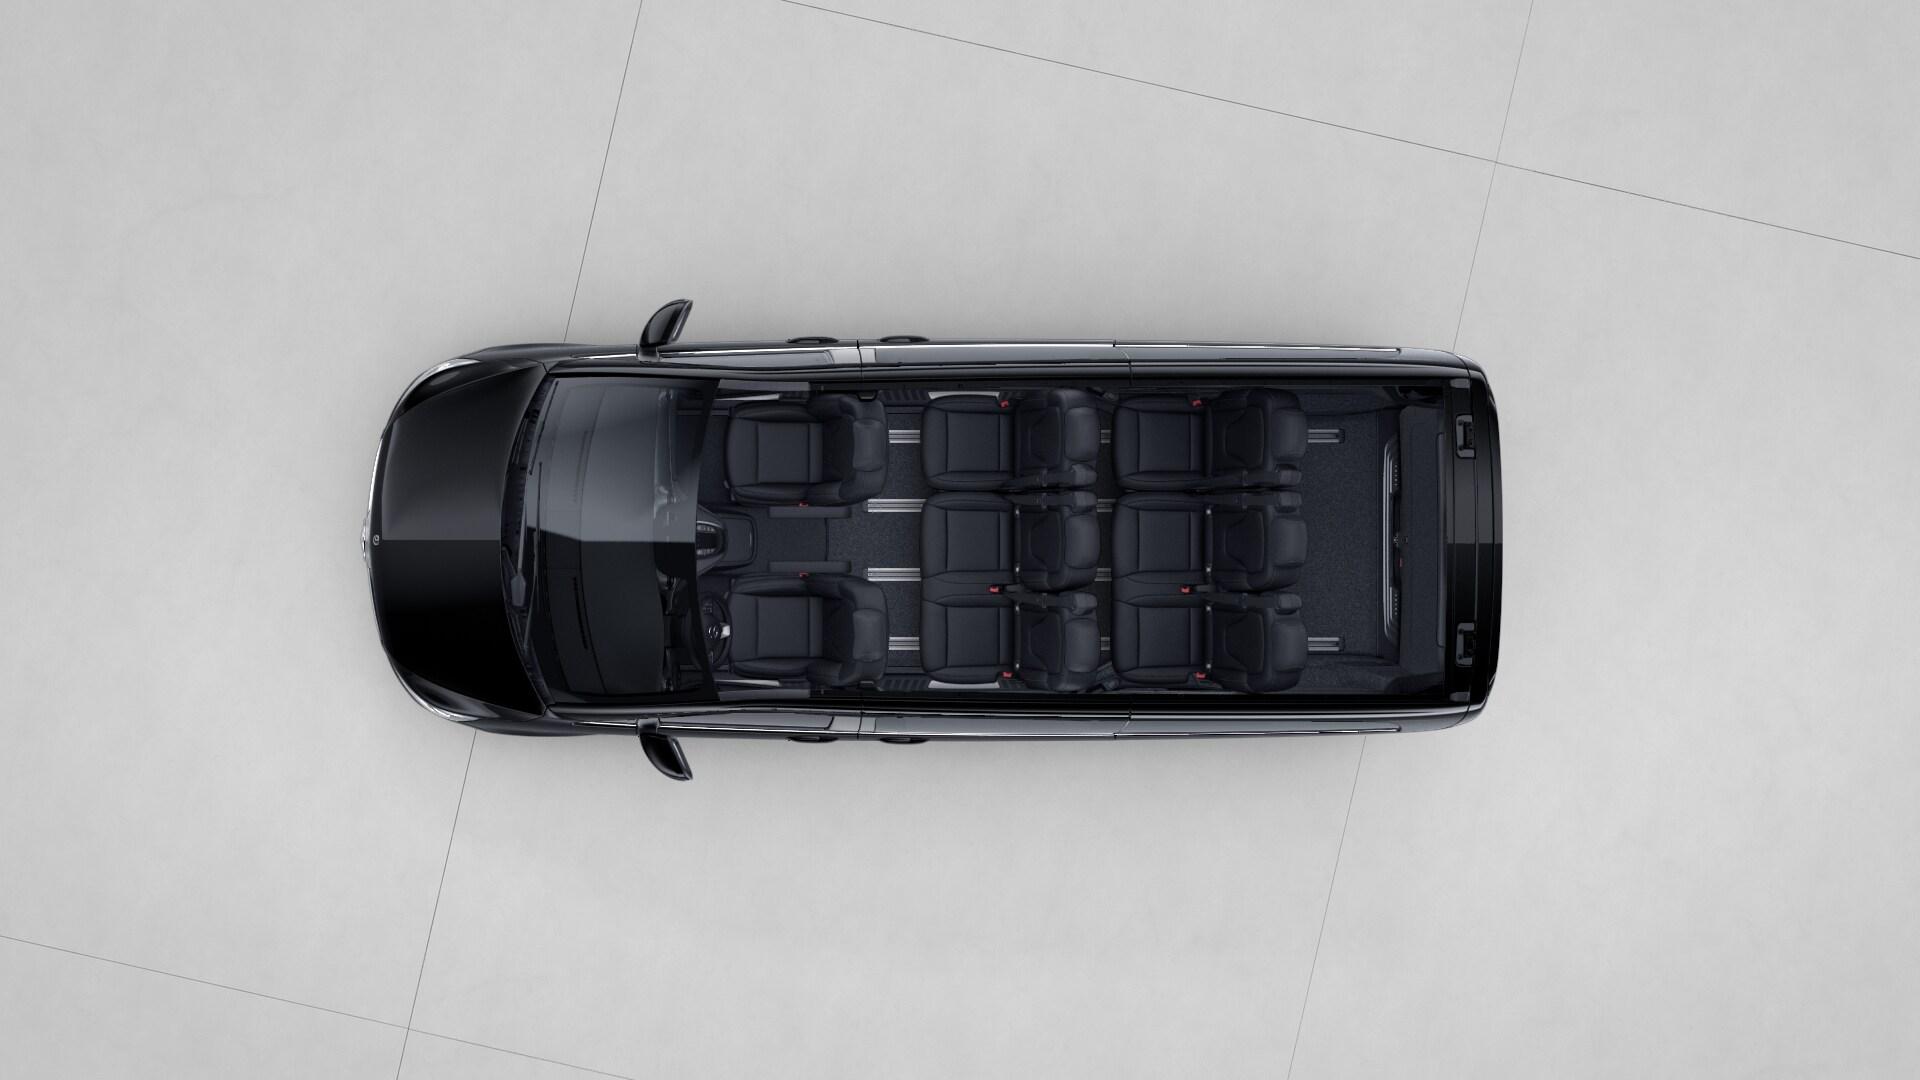 Van vehicle pictures-Image-3